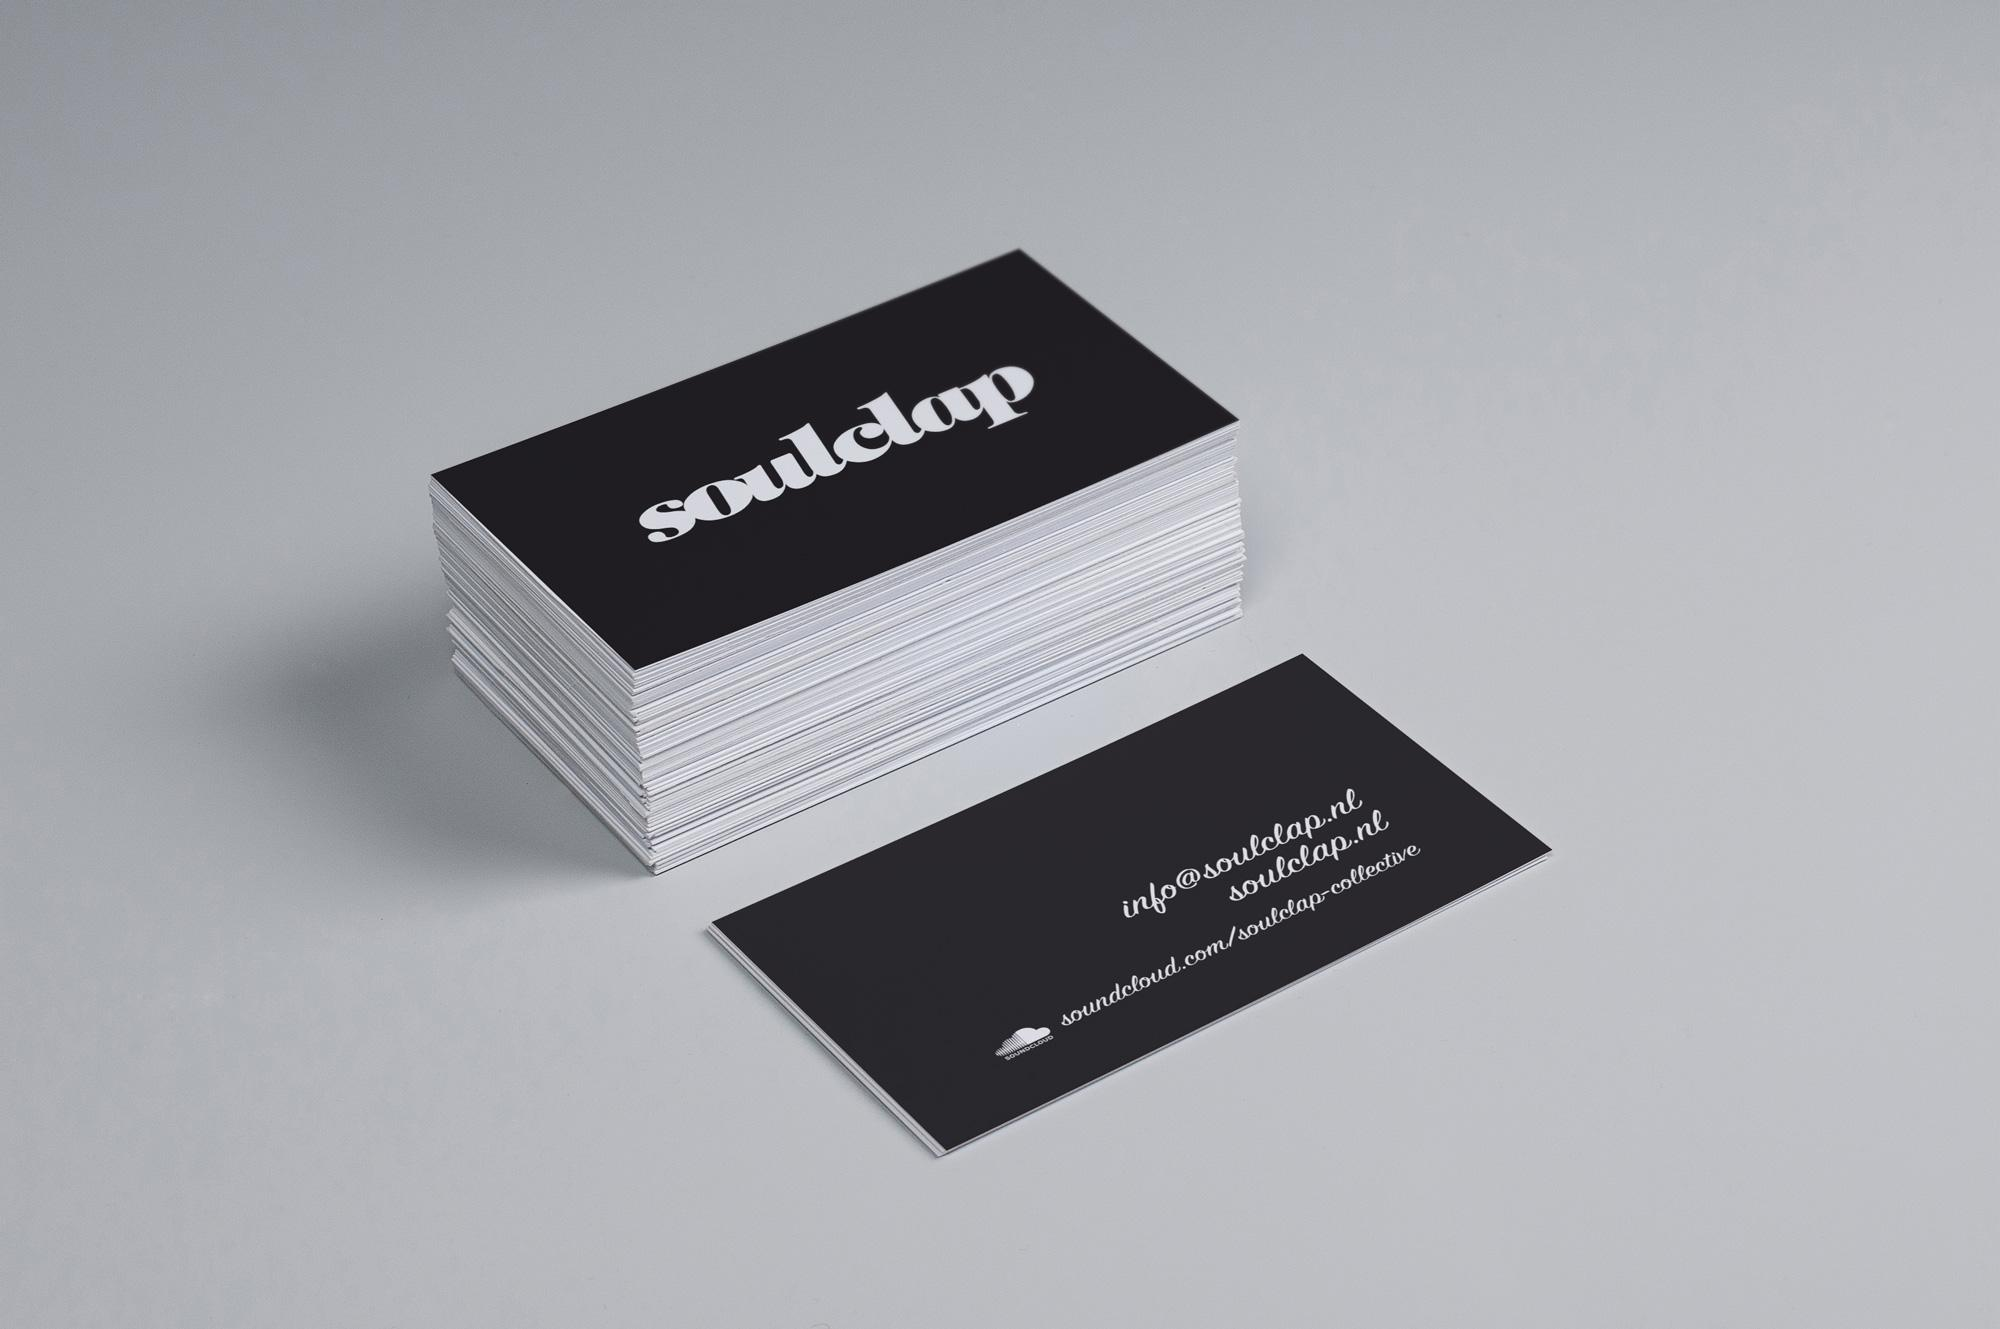 IJgenweis_Soulclap Visitekaart